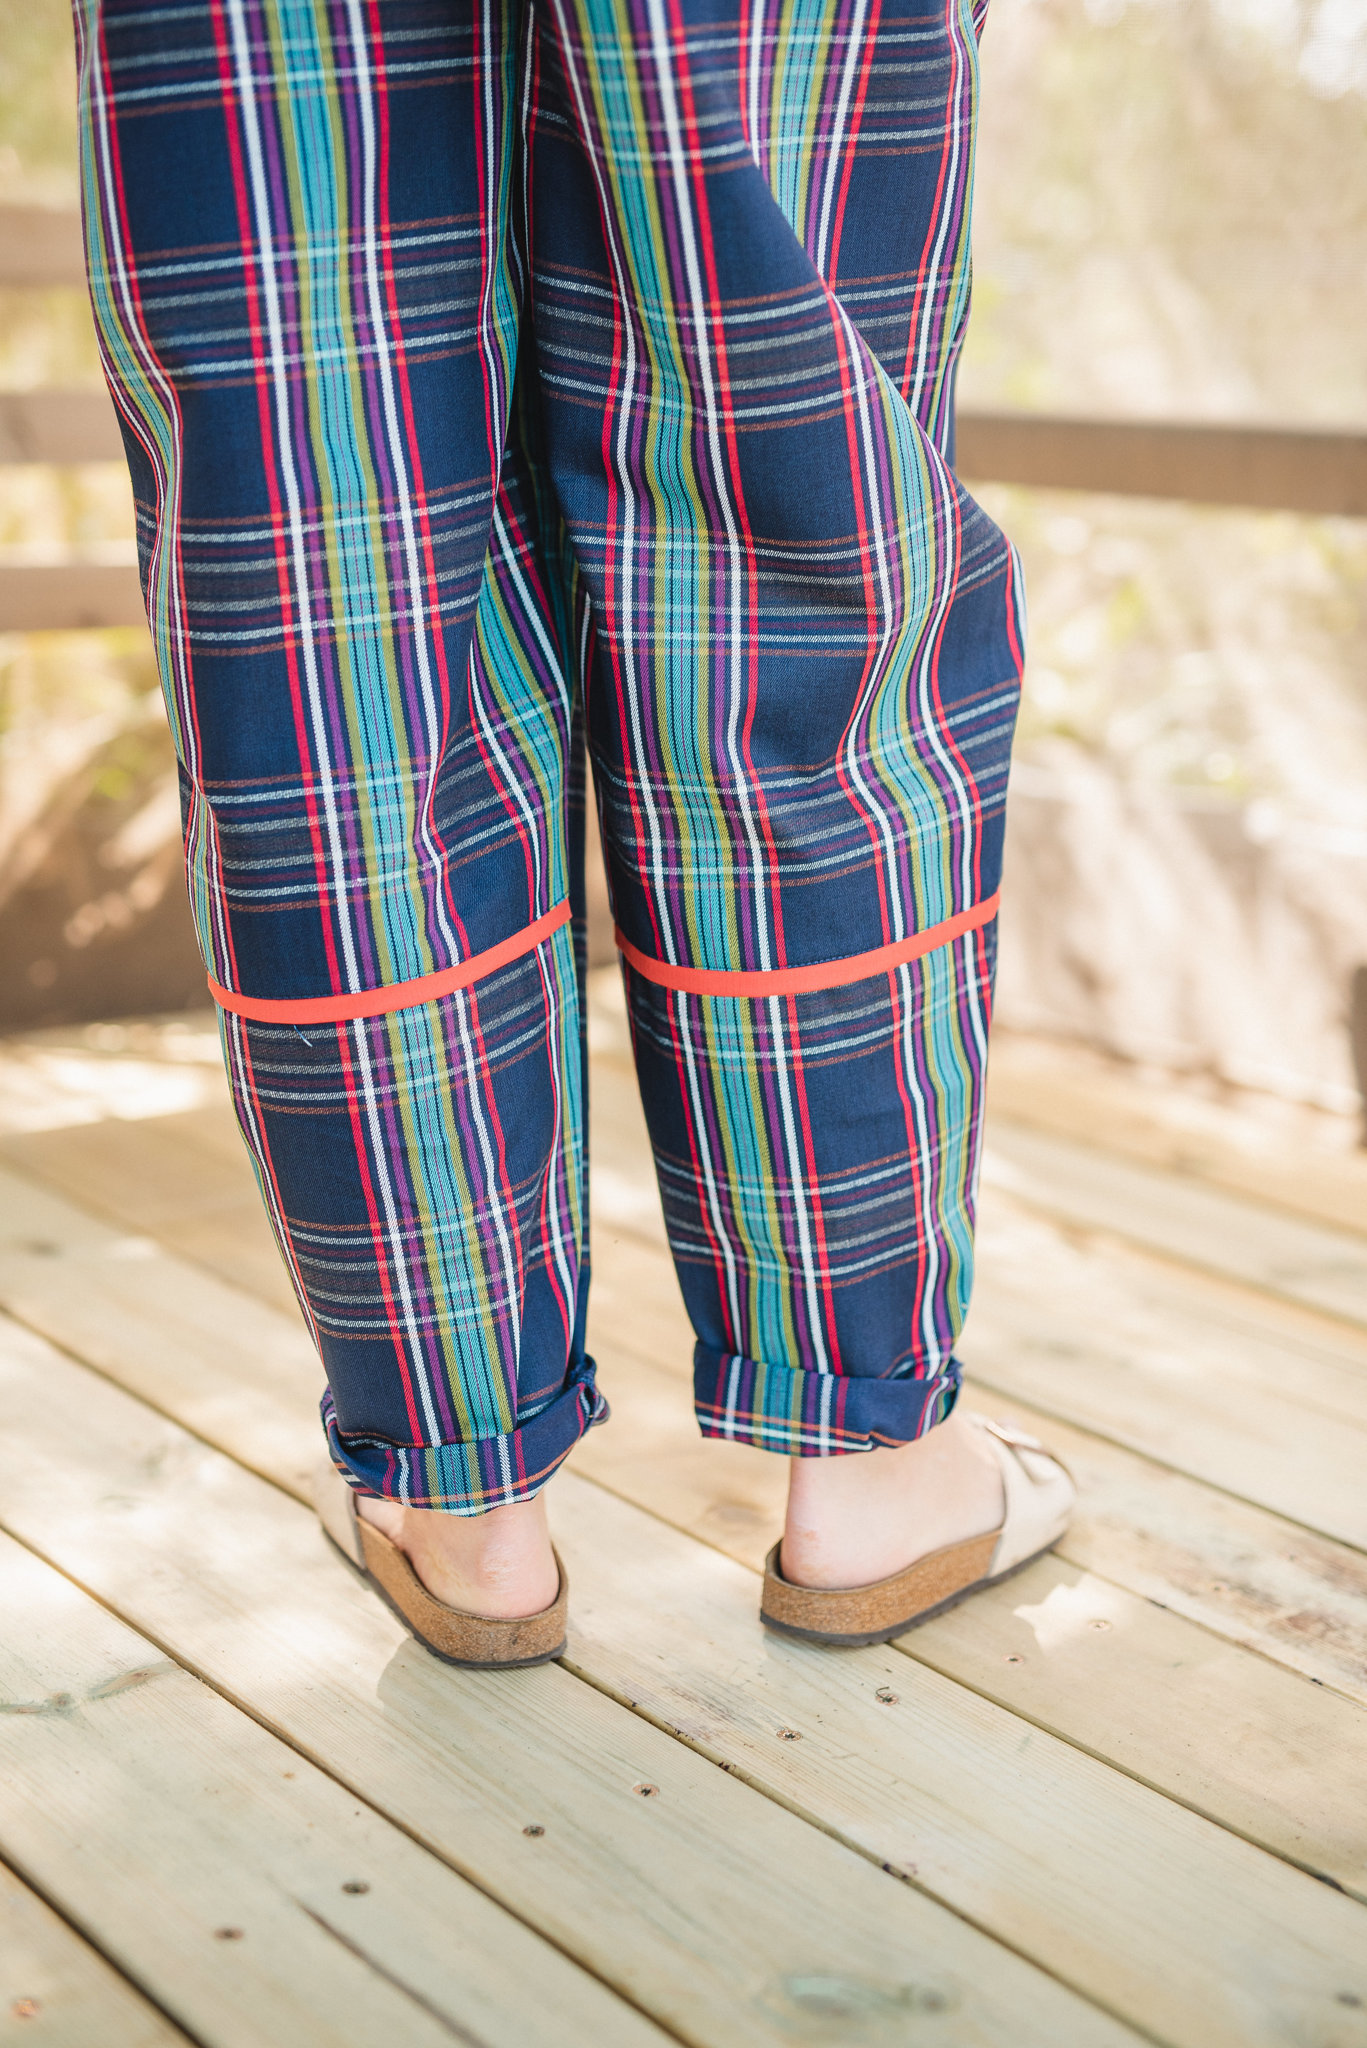 מכנסיים מדגם נור עם דוגמה של משבצות בשלל בצבעים על רקע כחול כהה